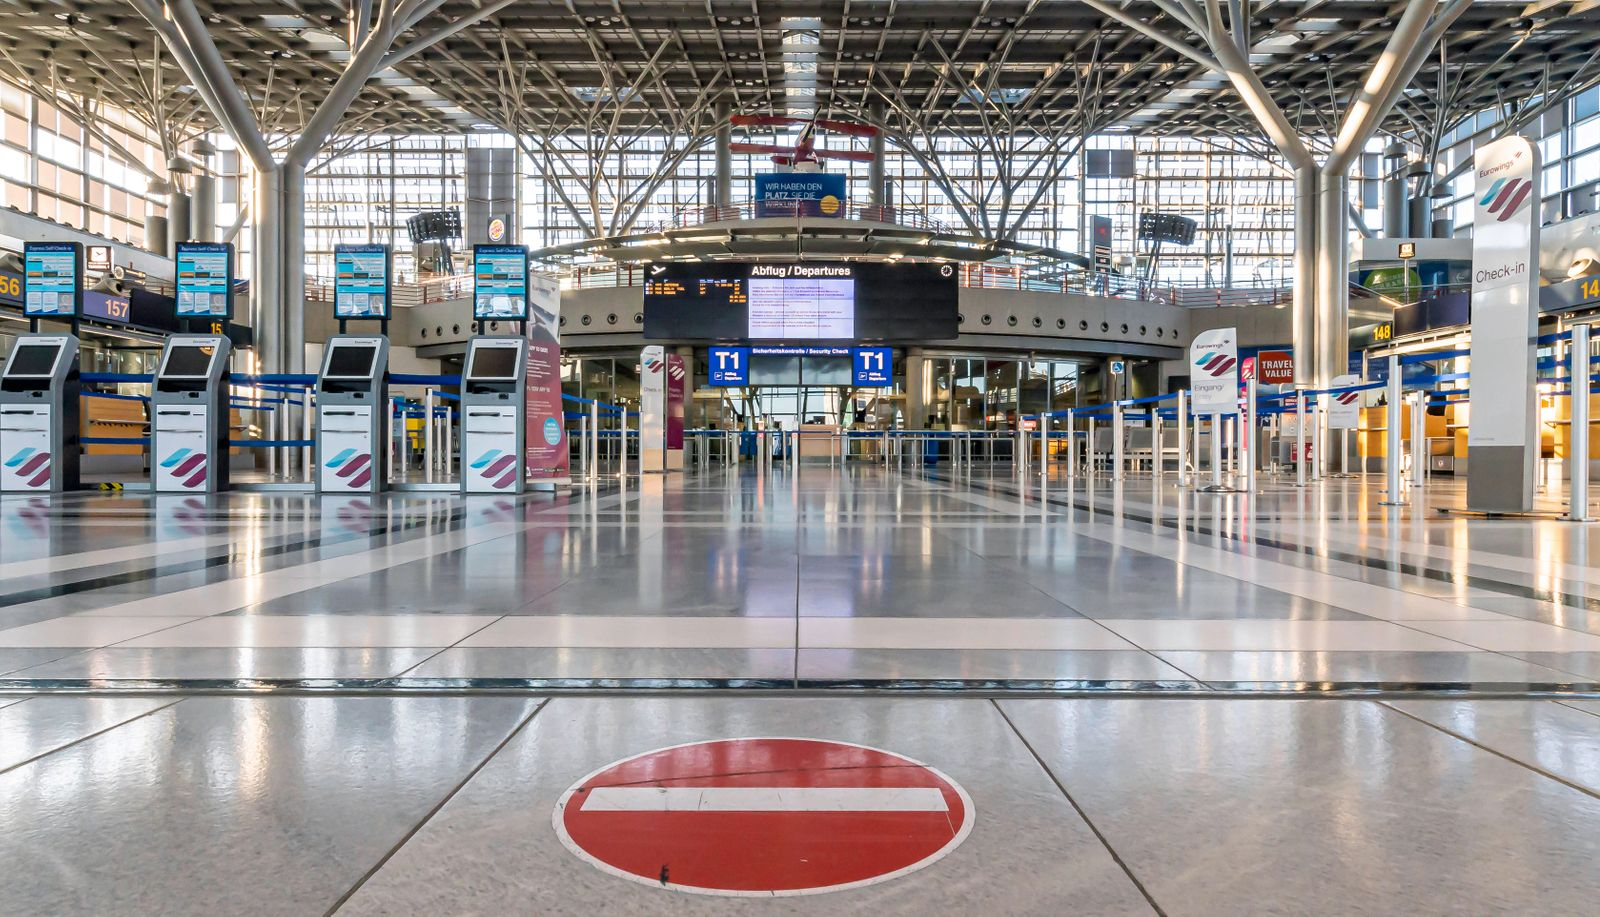 DEU, Deutschland, Baden-Württemberg, Stuttgart, 05.04.2020: Am Sonntag starteten die vorerst letzten Flugzeuge am Flugh